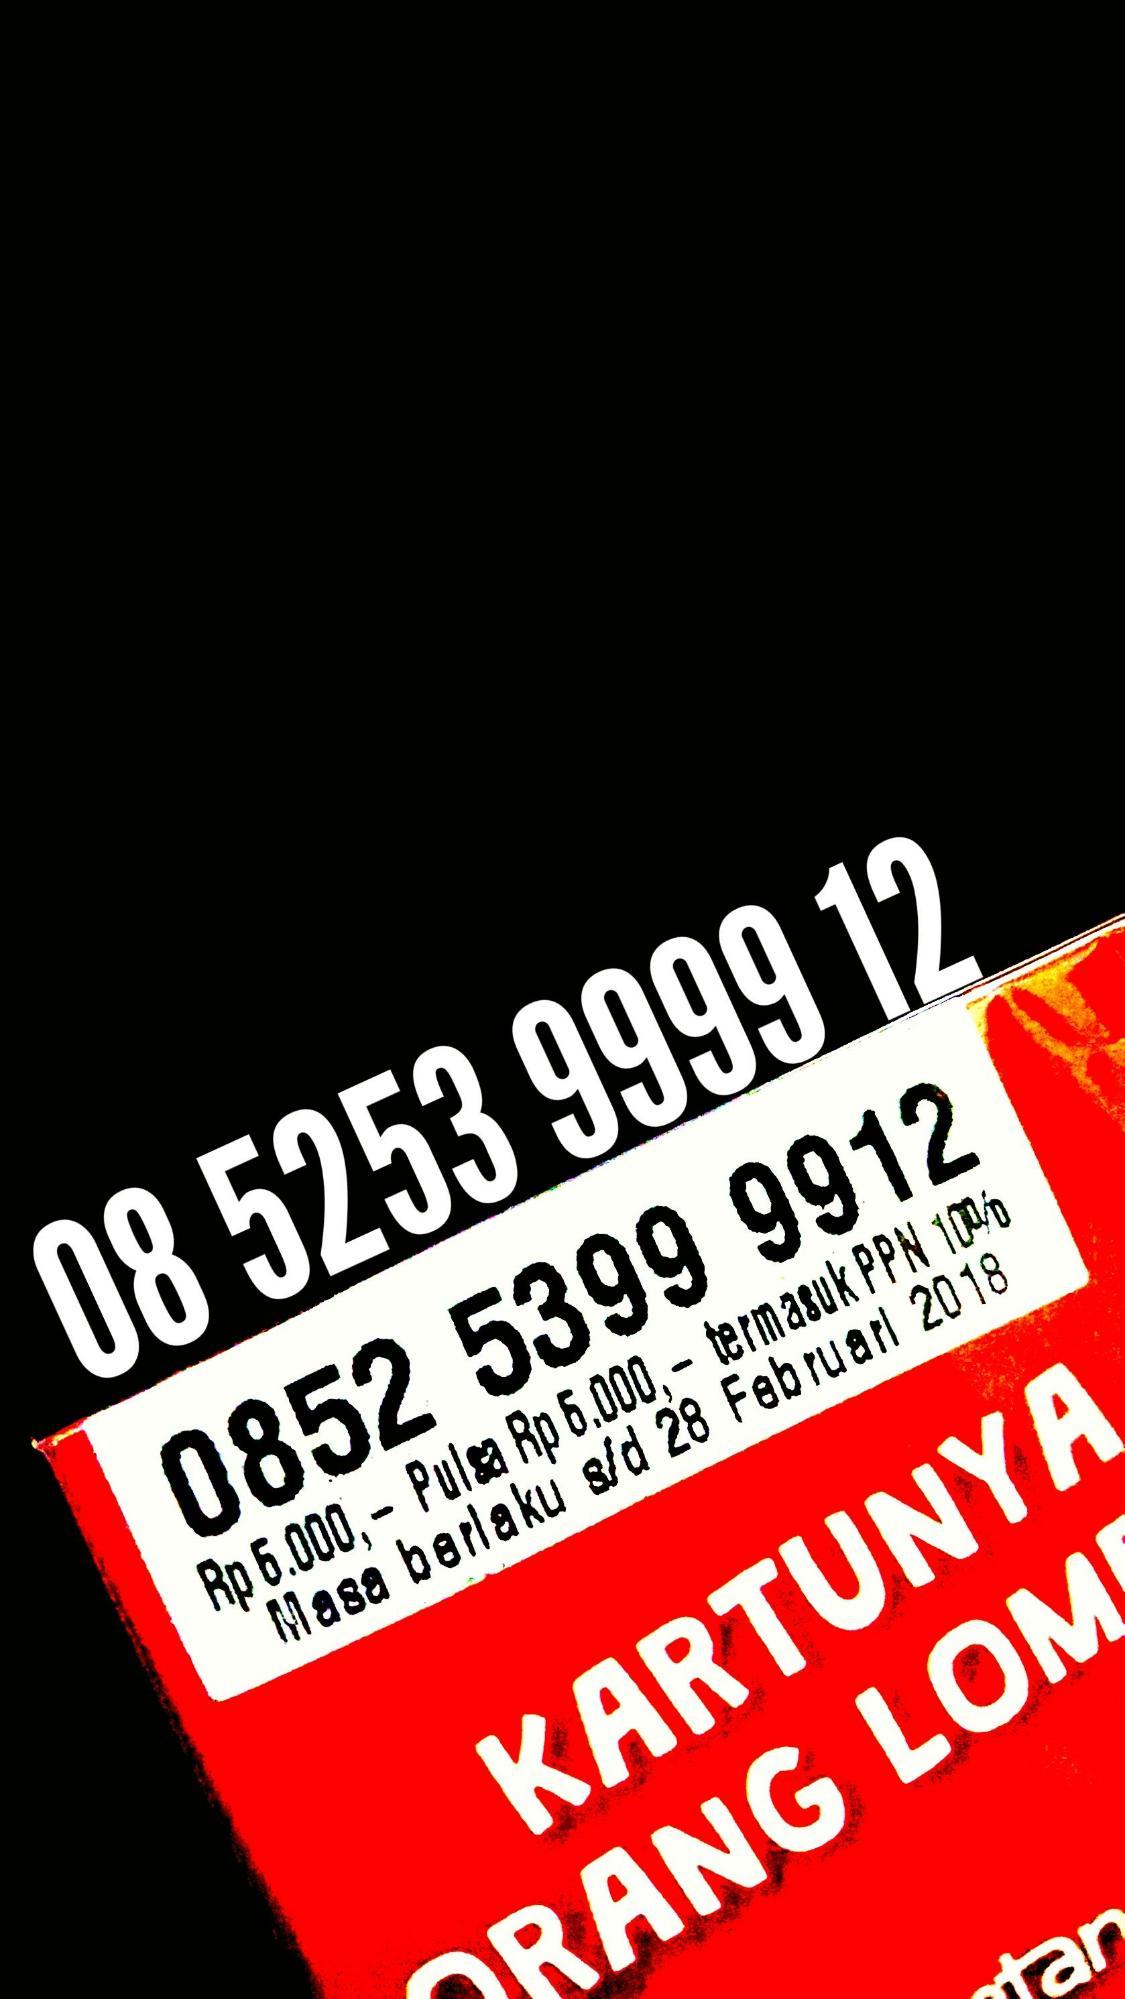 Dimana Beli Paket Telkomsel Gamesmax Terlengkap Cari Harga Diskon Pulsa Data Rp 150000 Nomer Cantik